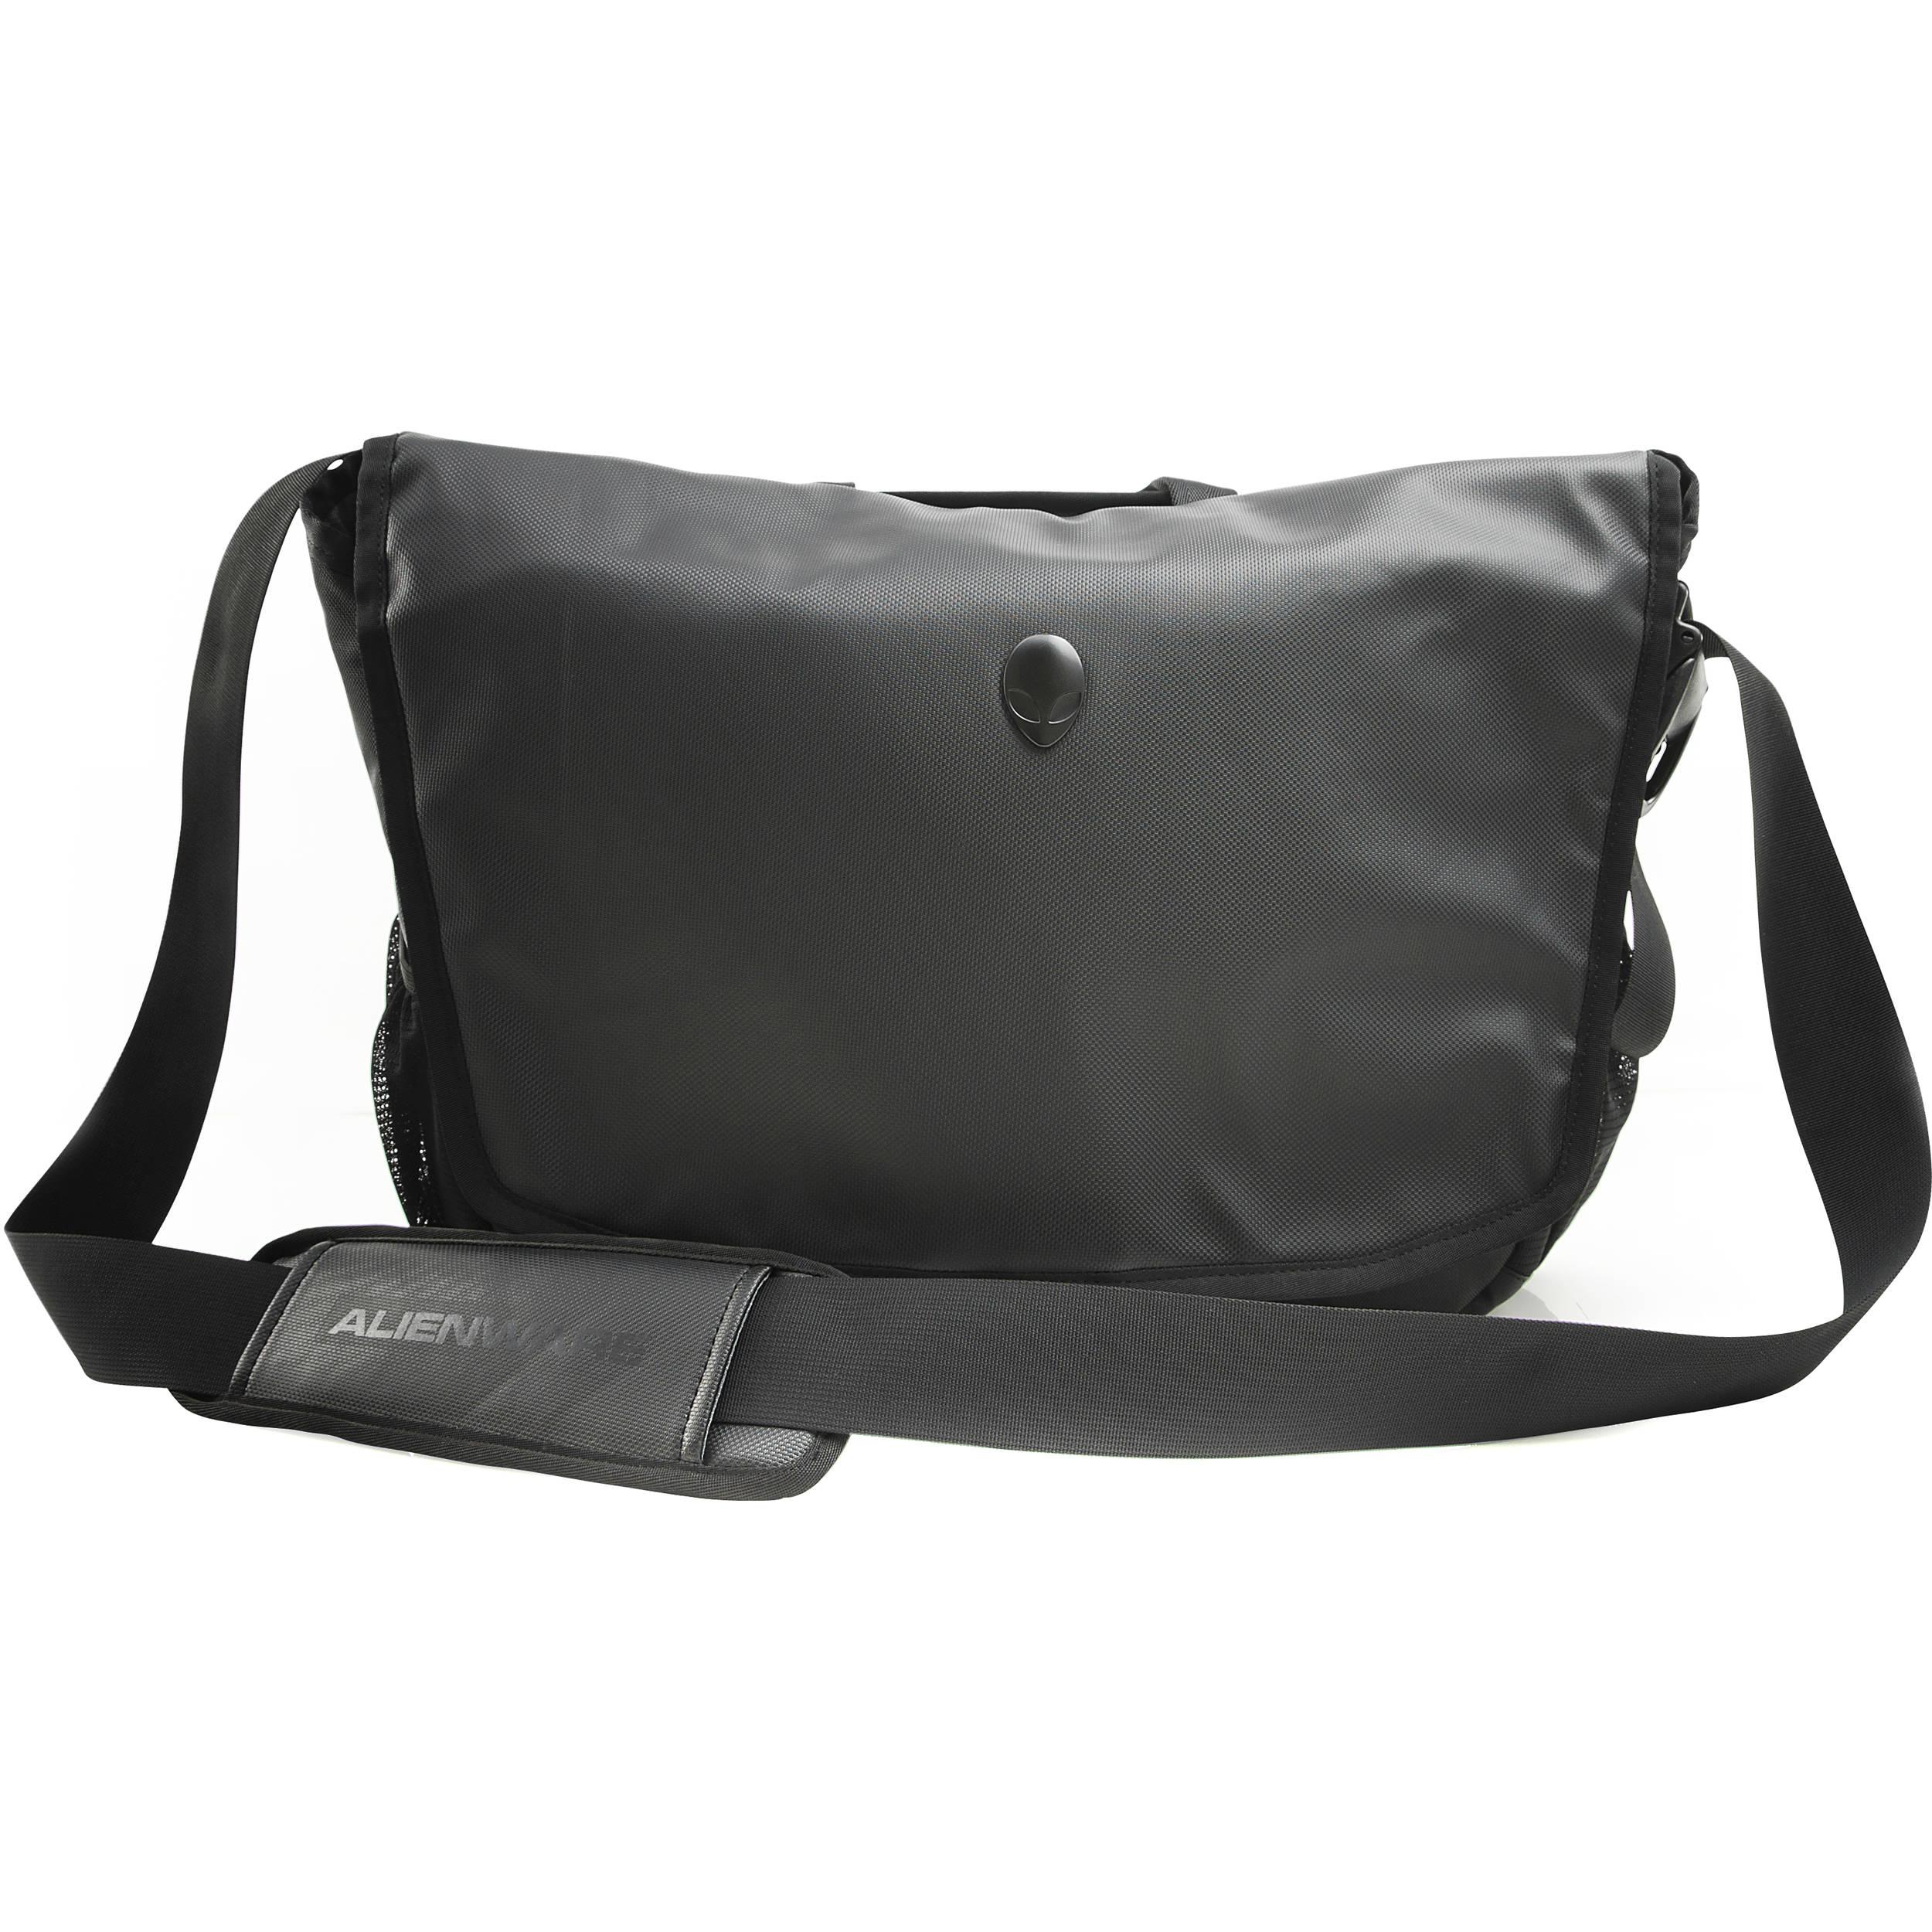 c63f1b6598103 Mobile Edge Alienware Vindicator Messenger Bag AWVM1417 B&H